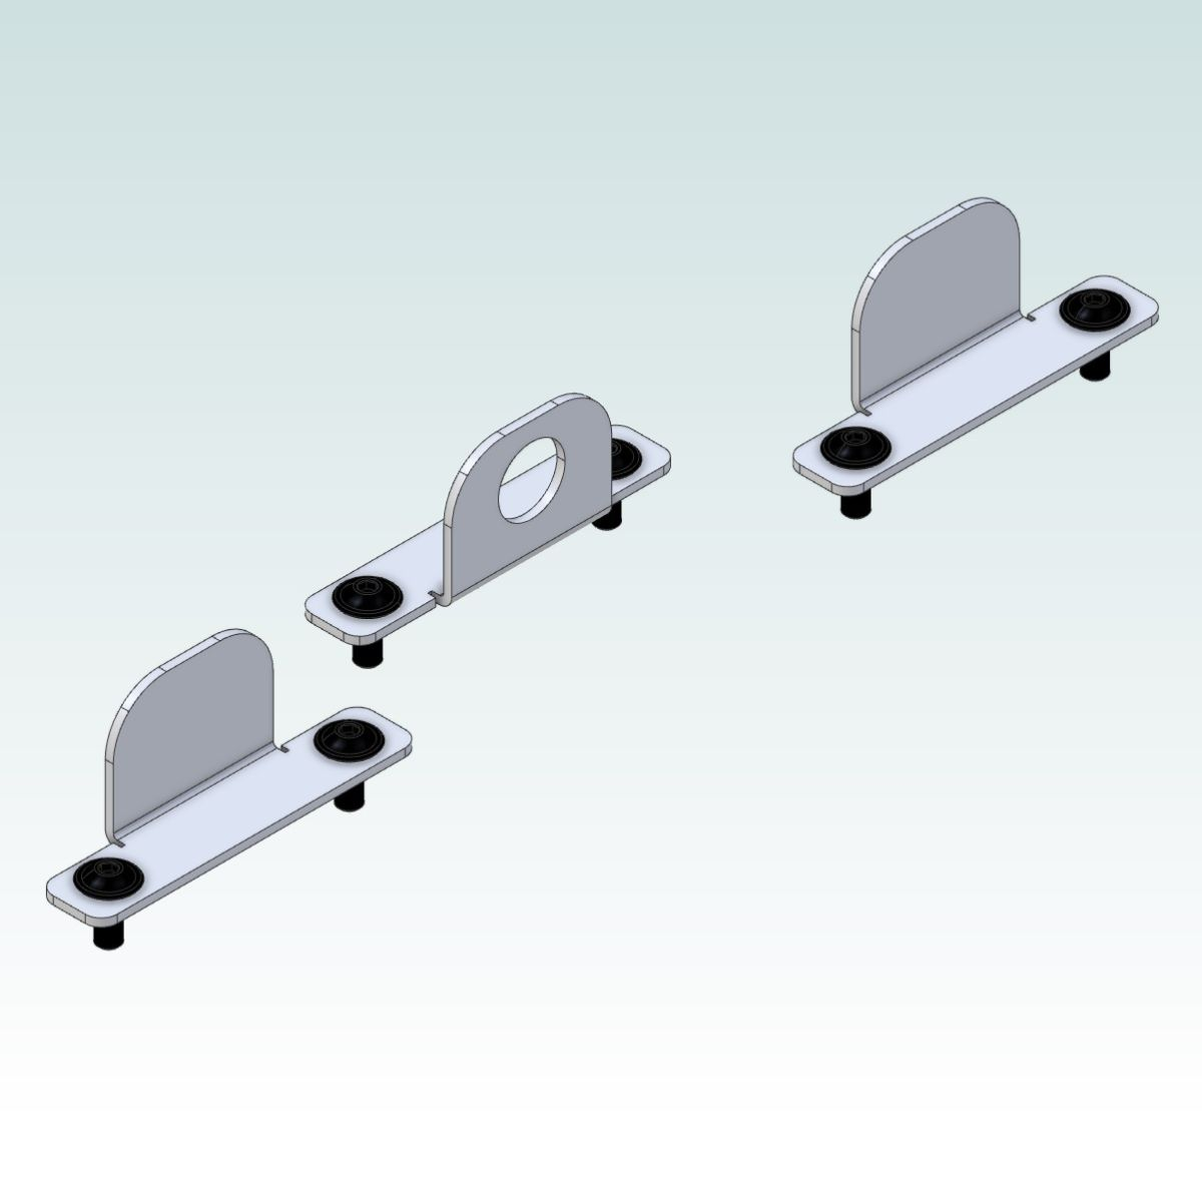 5121 m12 inductive sensor mount 2 detection plates render